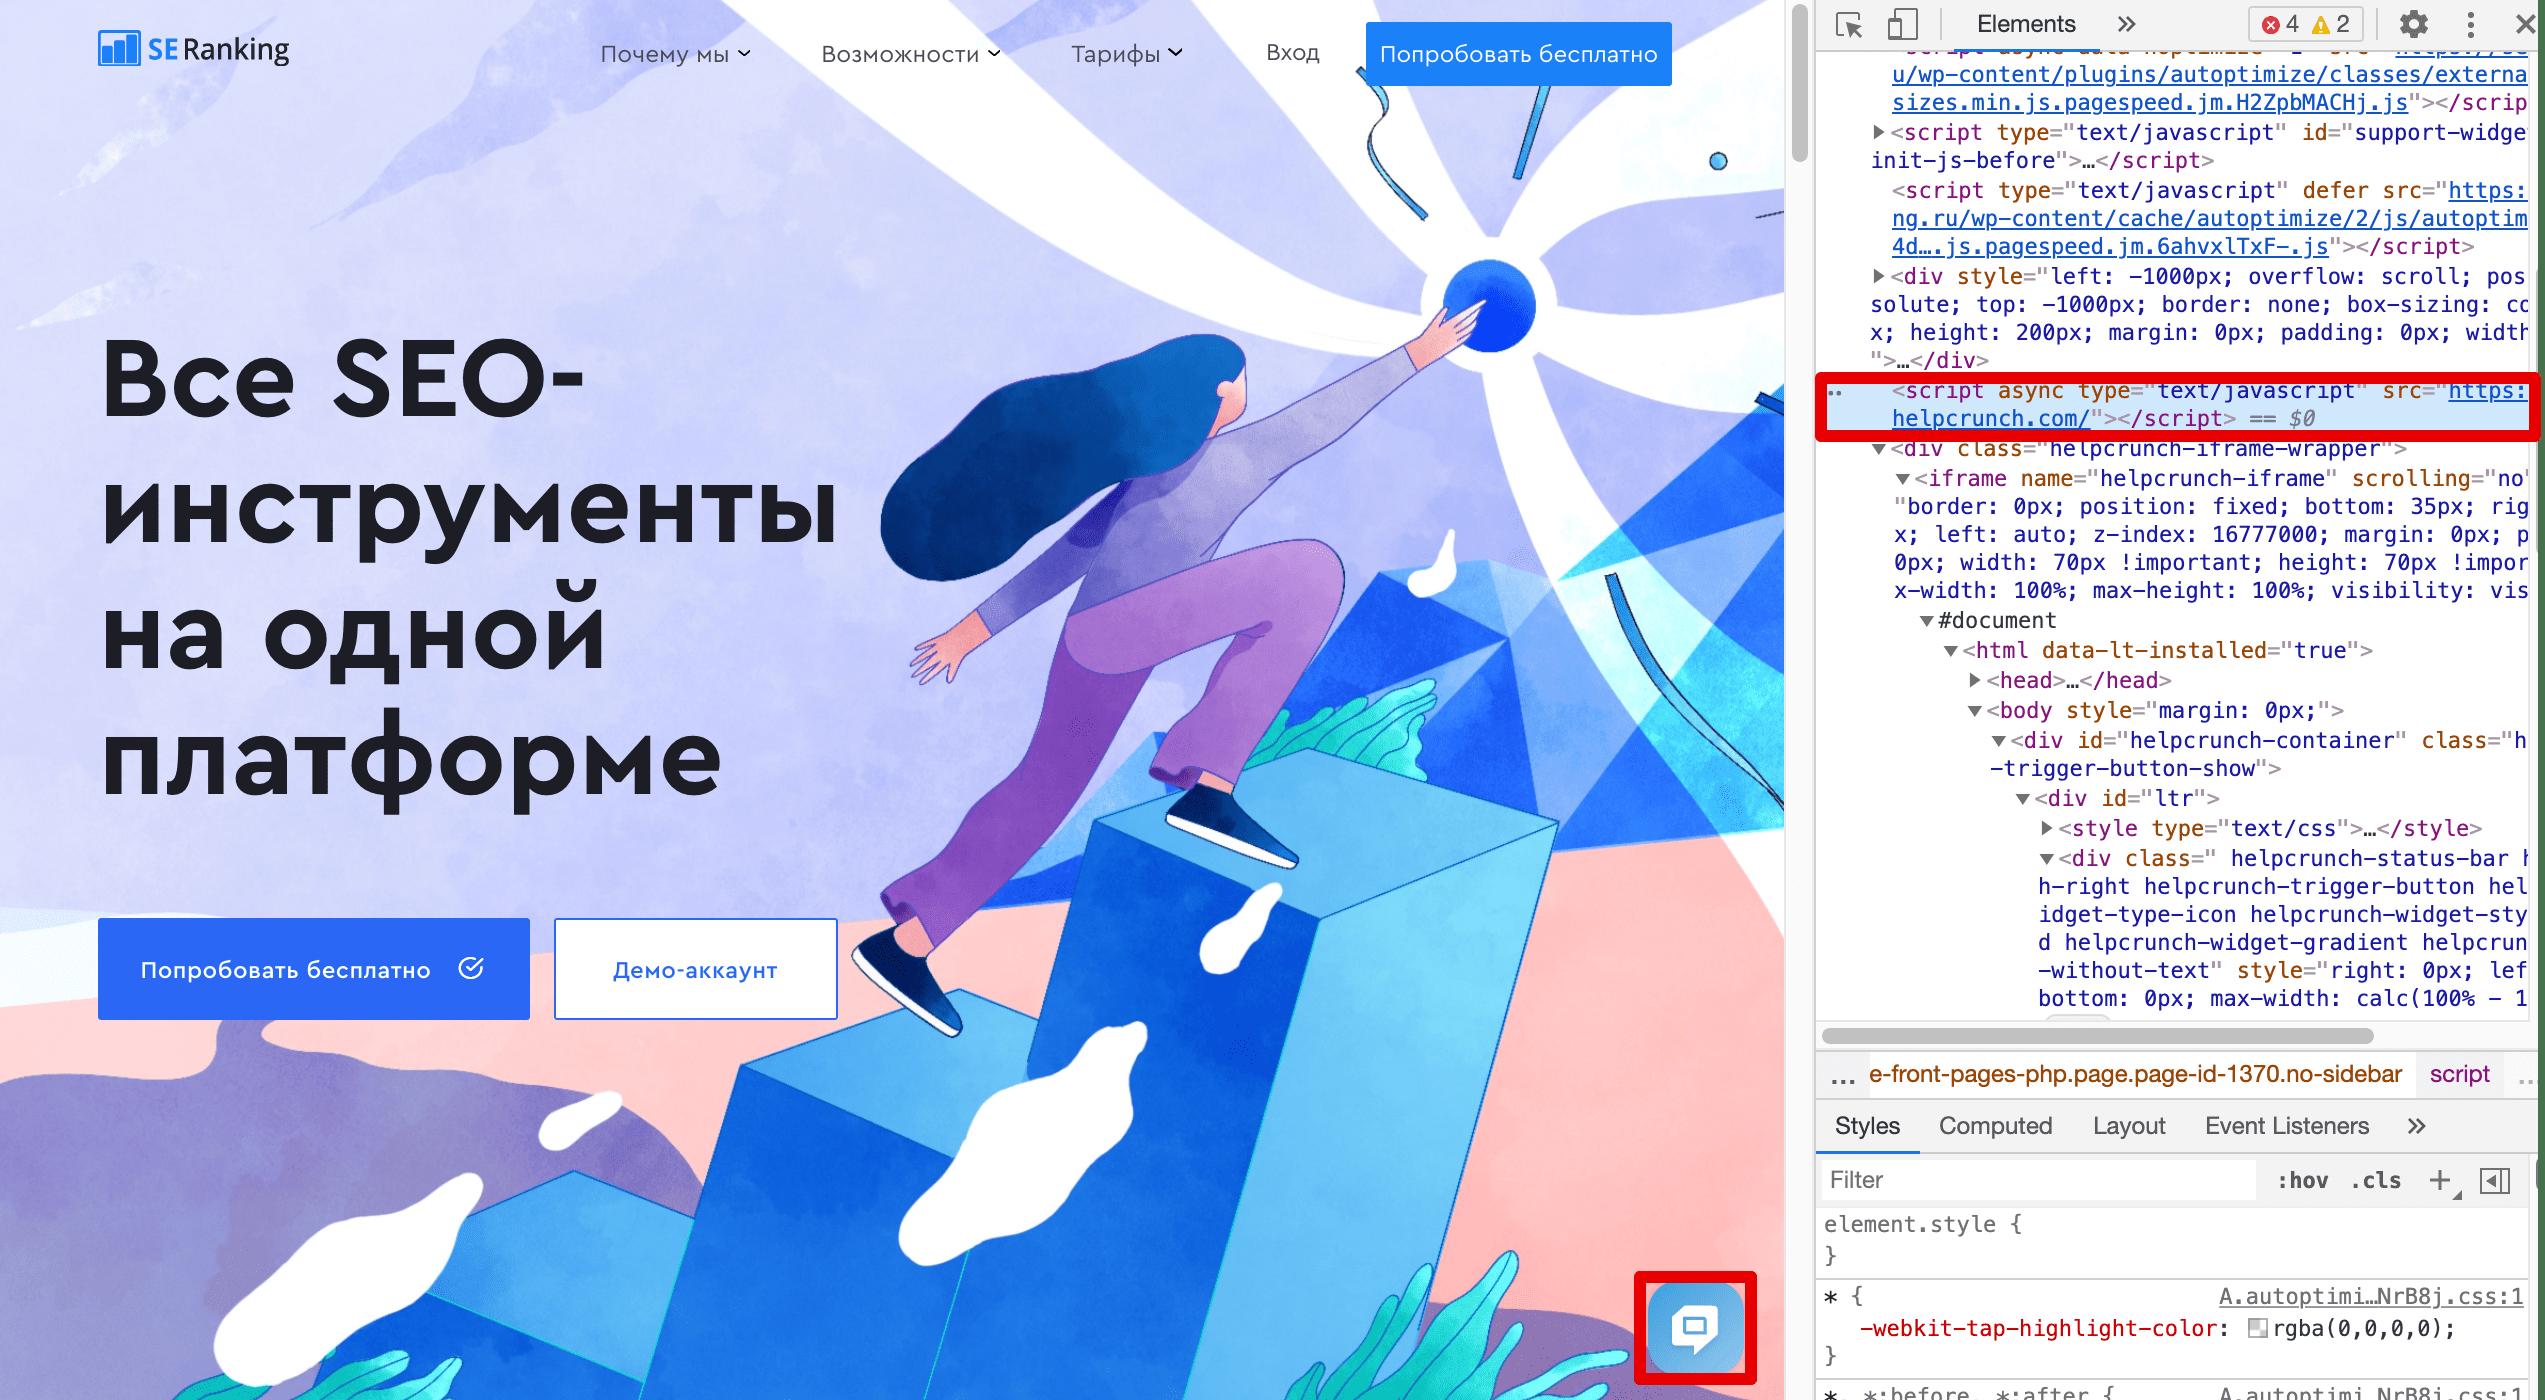 Тег script в коде страницы